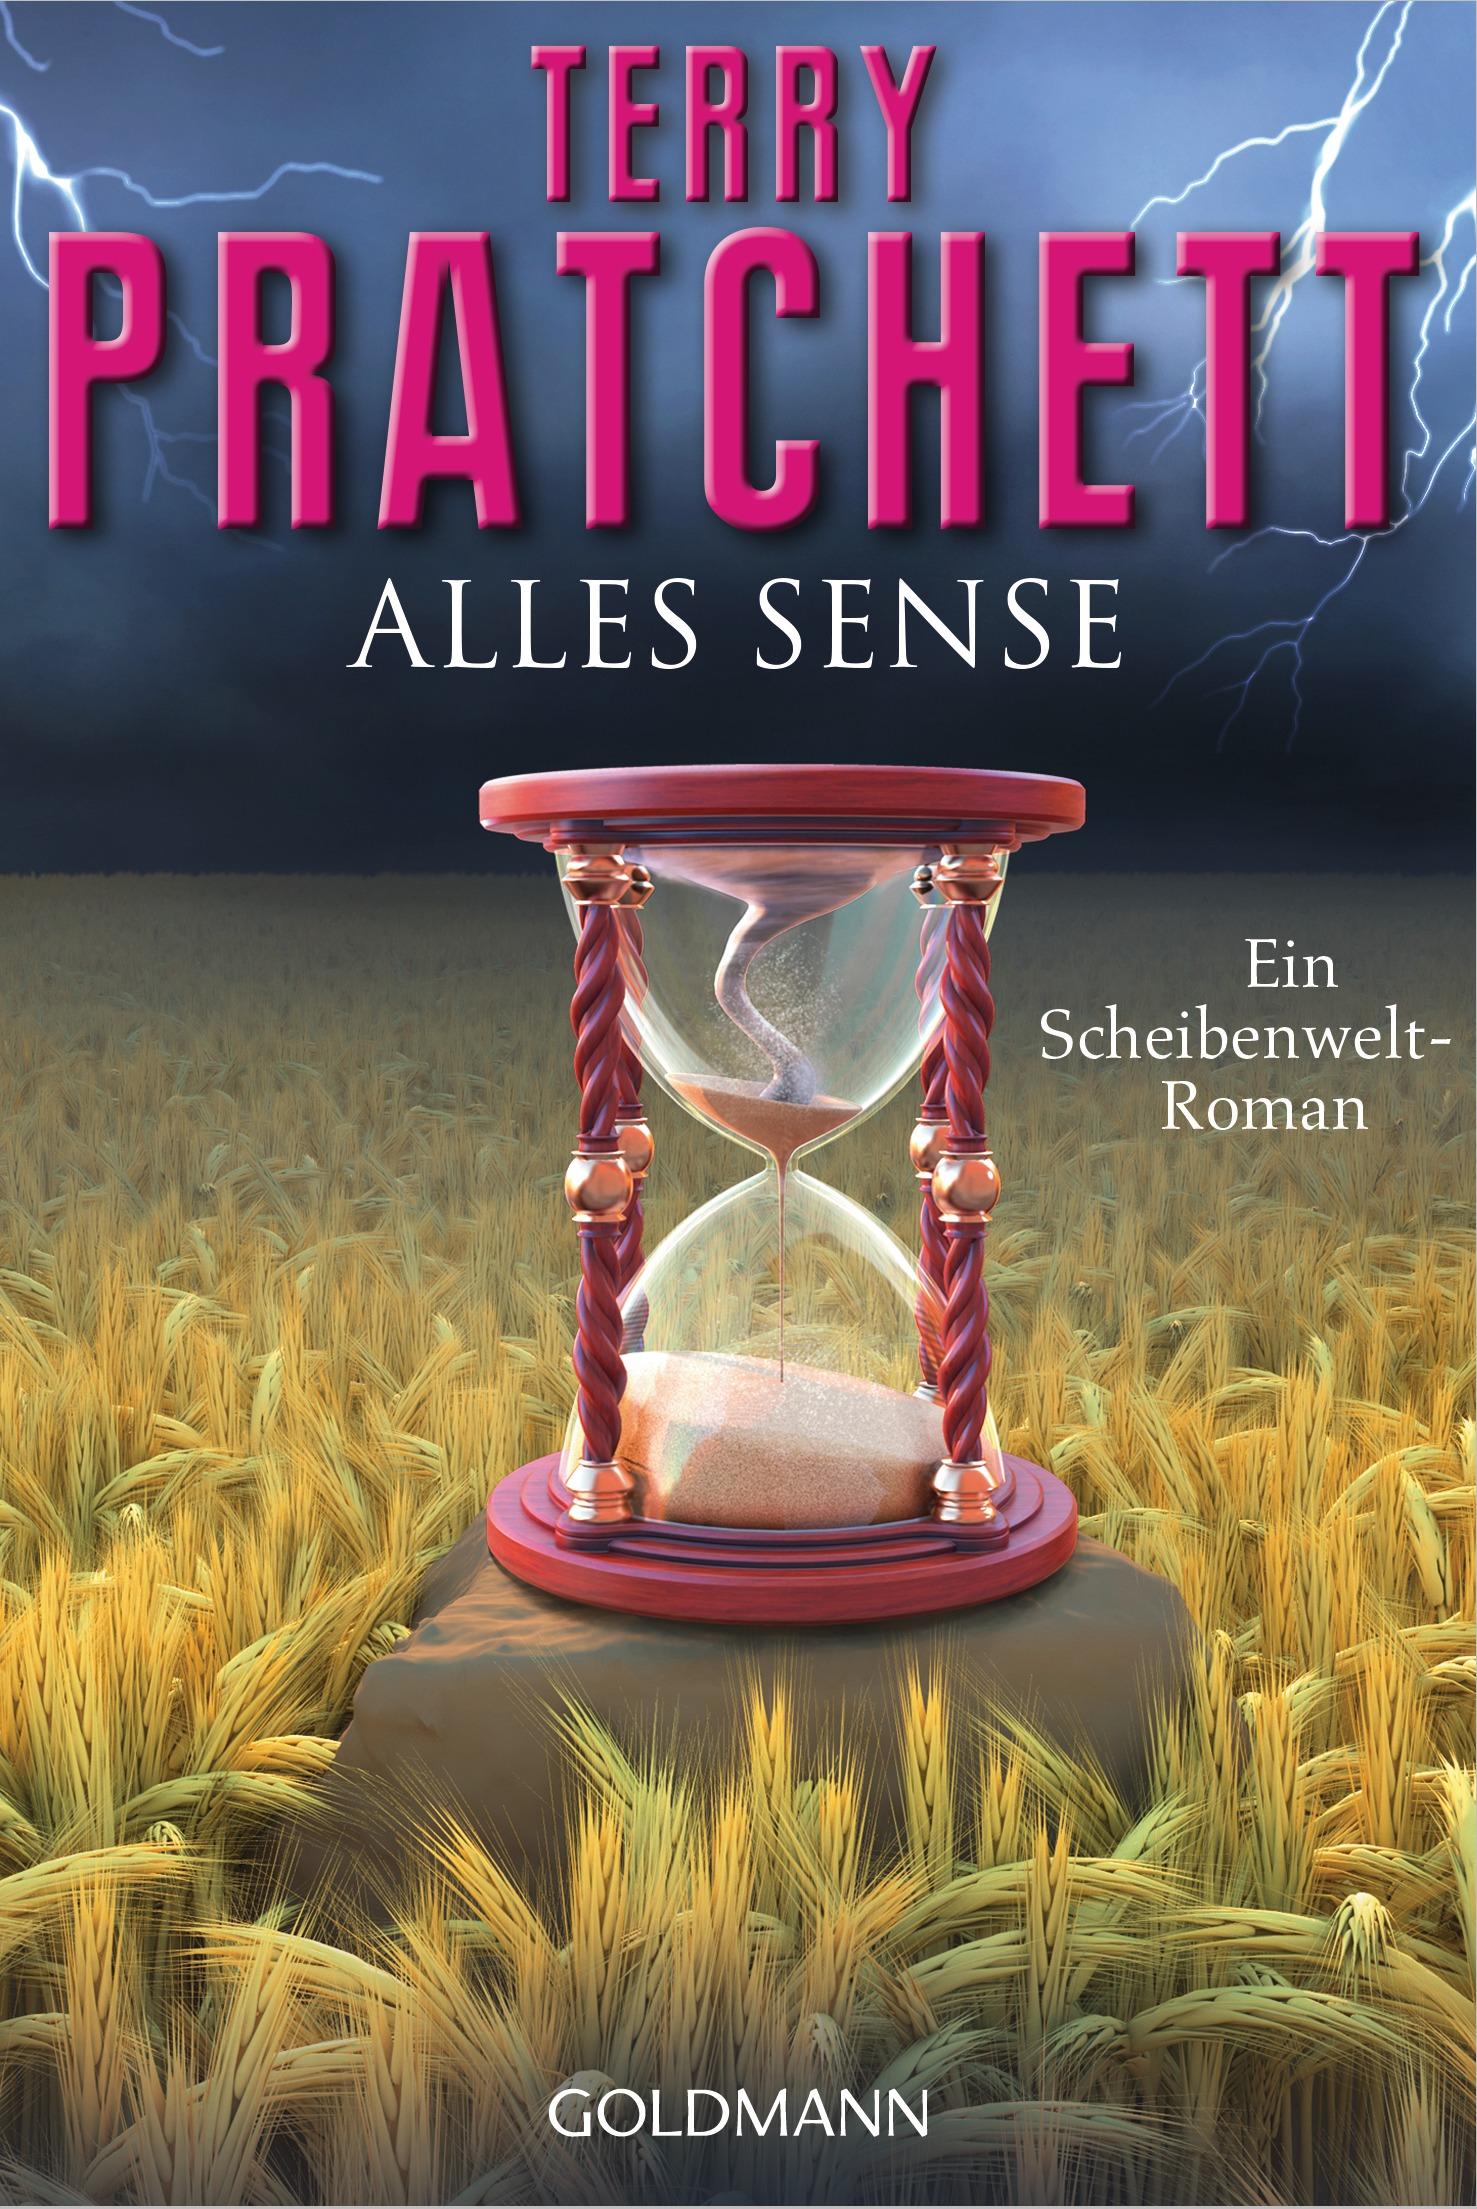 Alles Sense: Ein Scheibenwelt-Roman - Pratchett, Terry